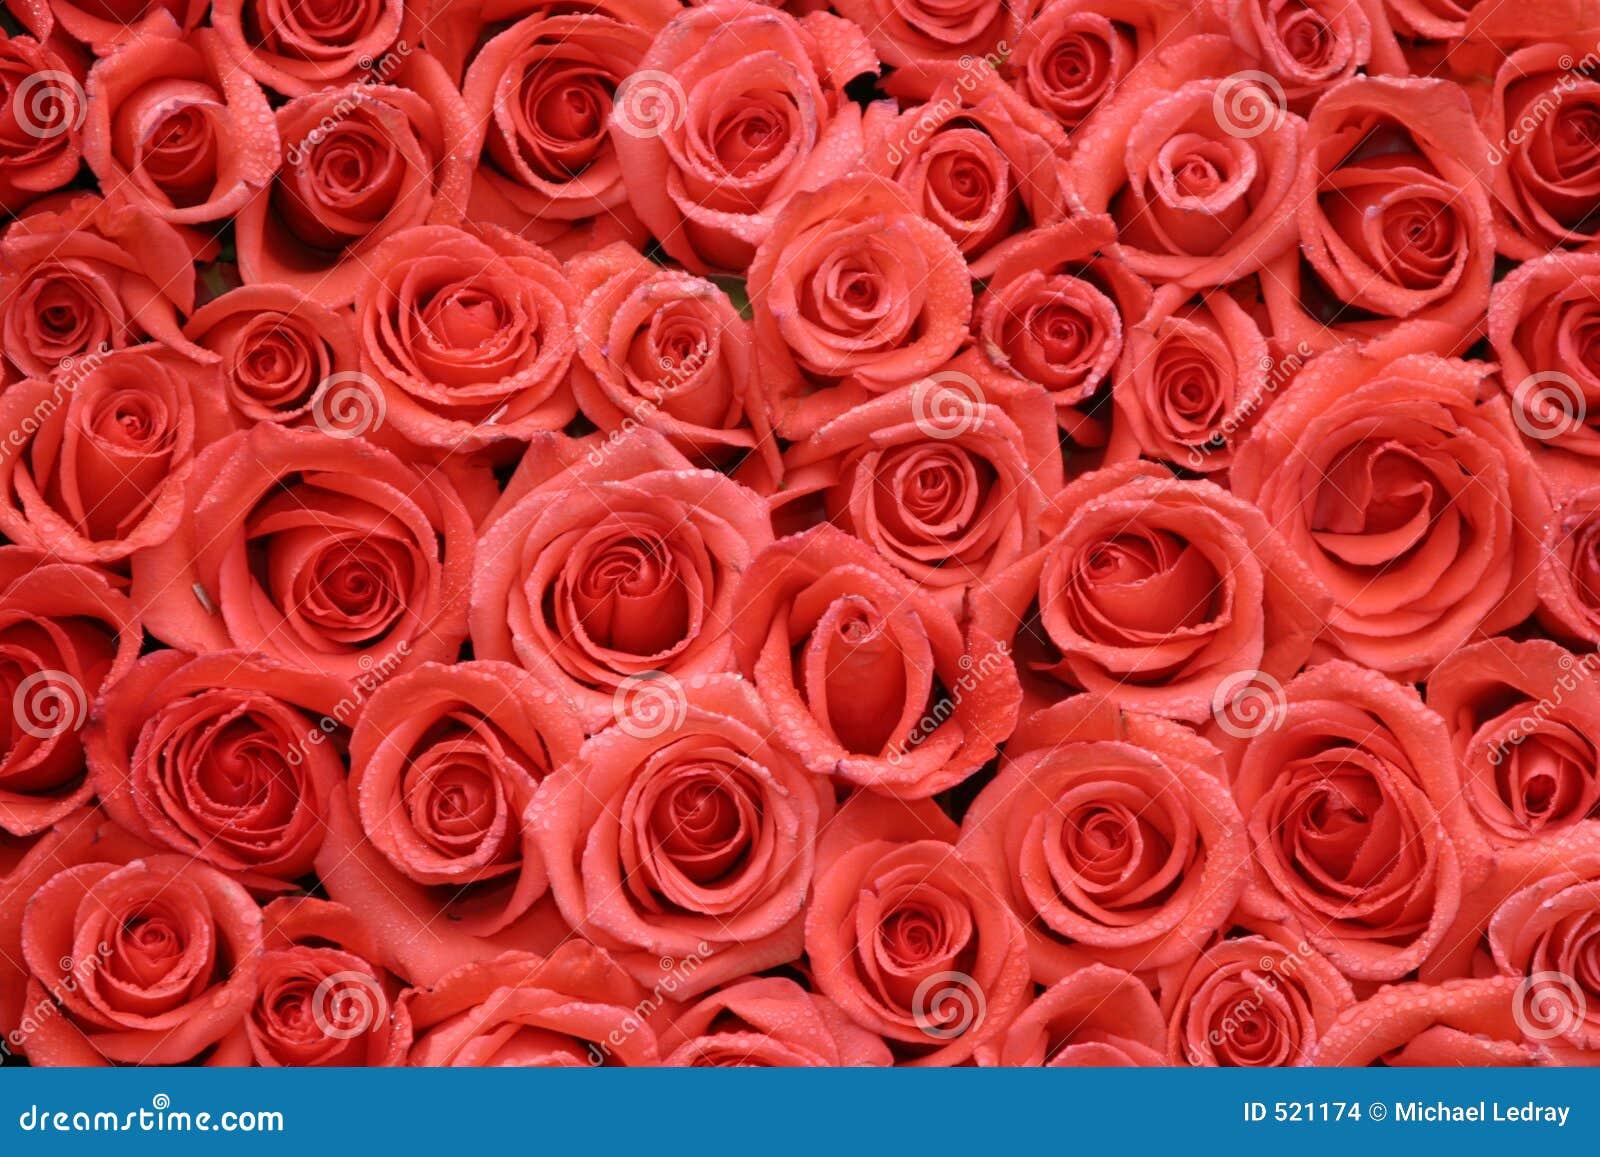 Oraqnge被包装的玫瑰端